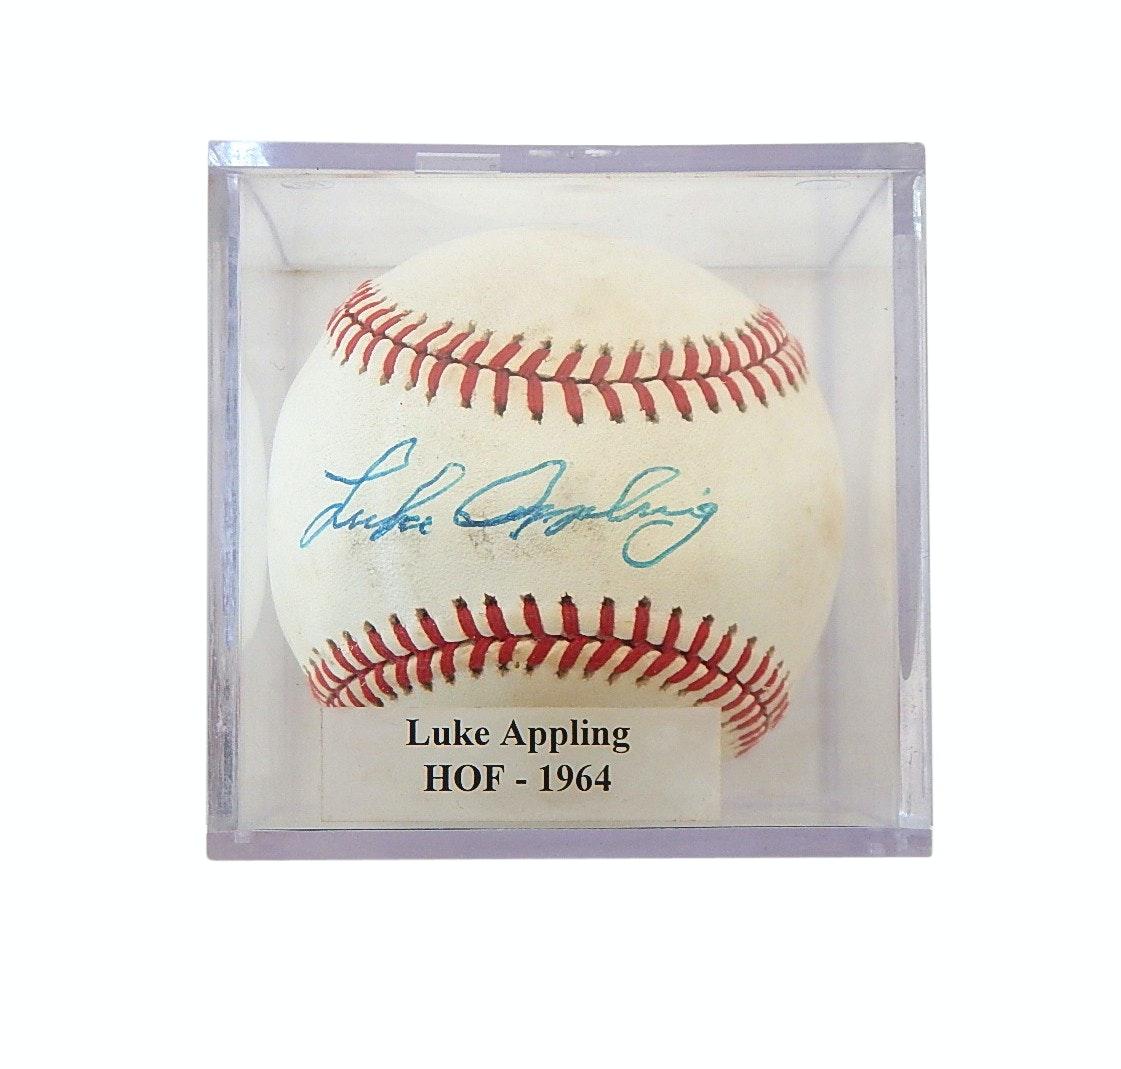 HOF Luke Appling Signed Bobby Brown Baseball